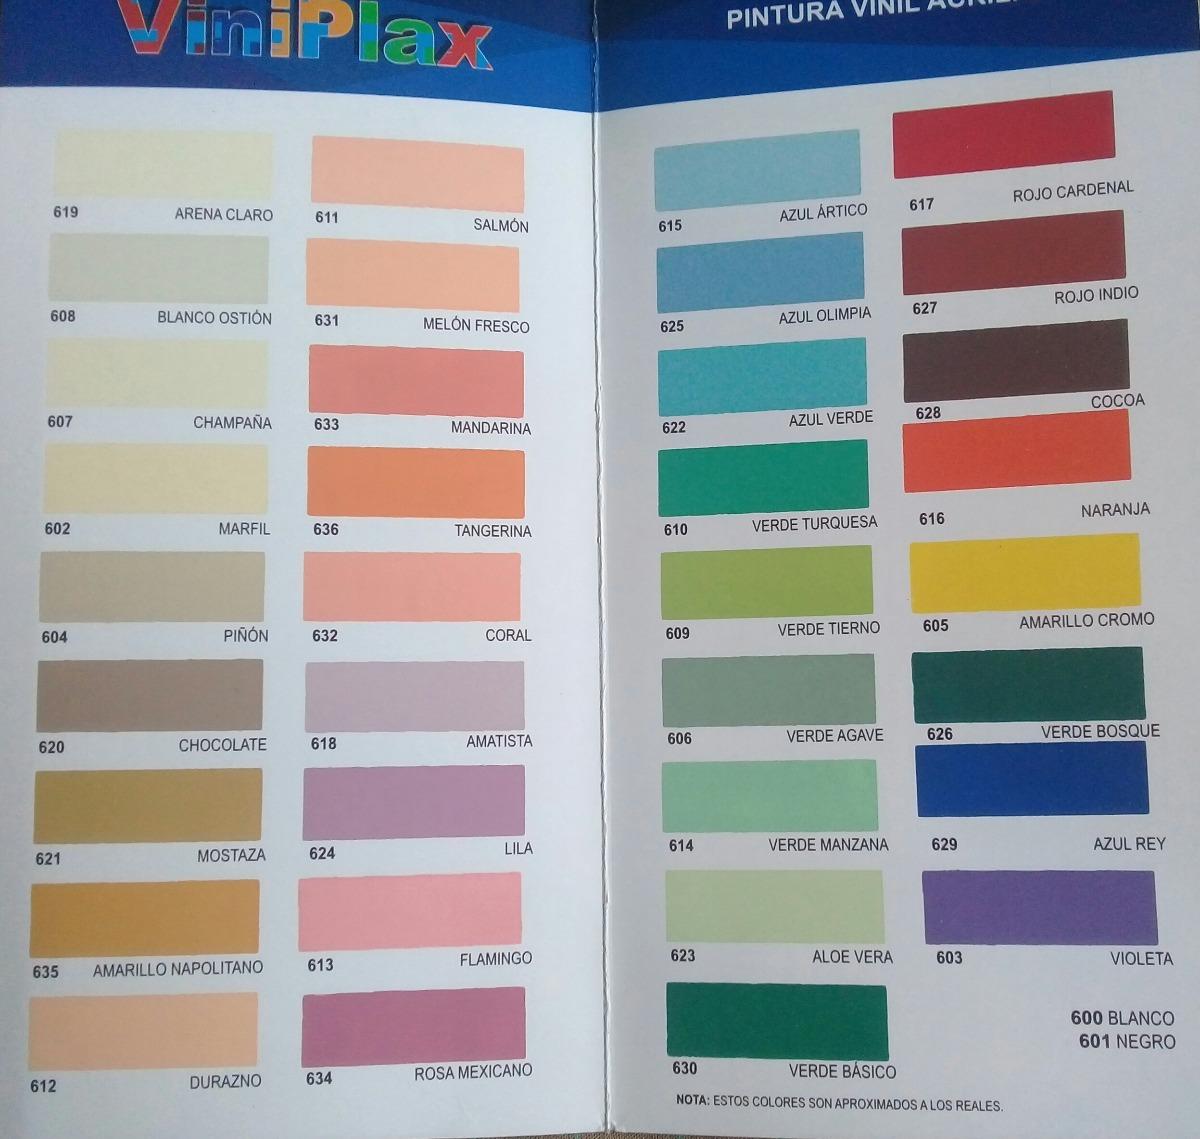 Pintura vinilica acrilica lavable viniplax barata - Pintura interior barata ...